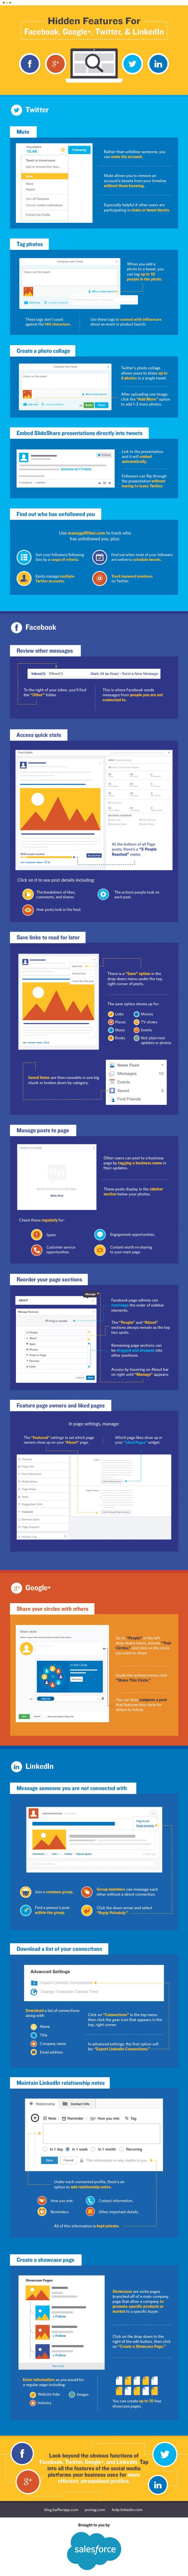 """Infografik: Versteckte Funktionen von Facebook, Twitter, Google+ und LinkedIn. (Grafik: <a href=""""https://www.salesforce.com/ca/blog/2015/07/hidden-social-media-features.html"""">SalesForce</a>)"""